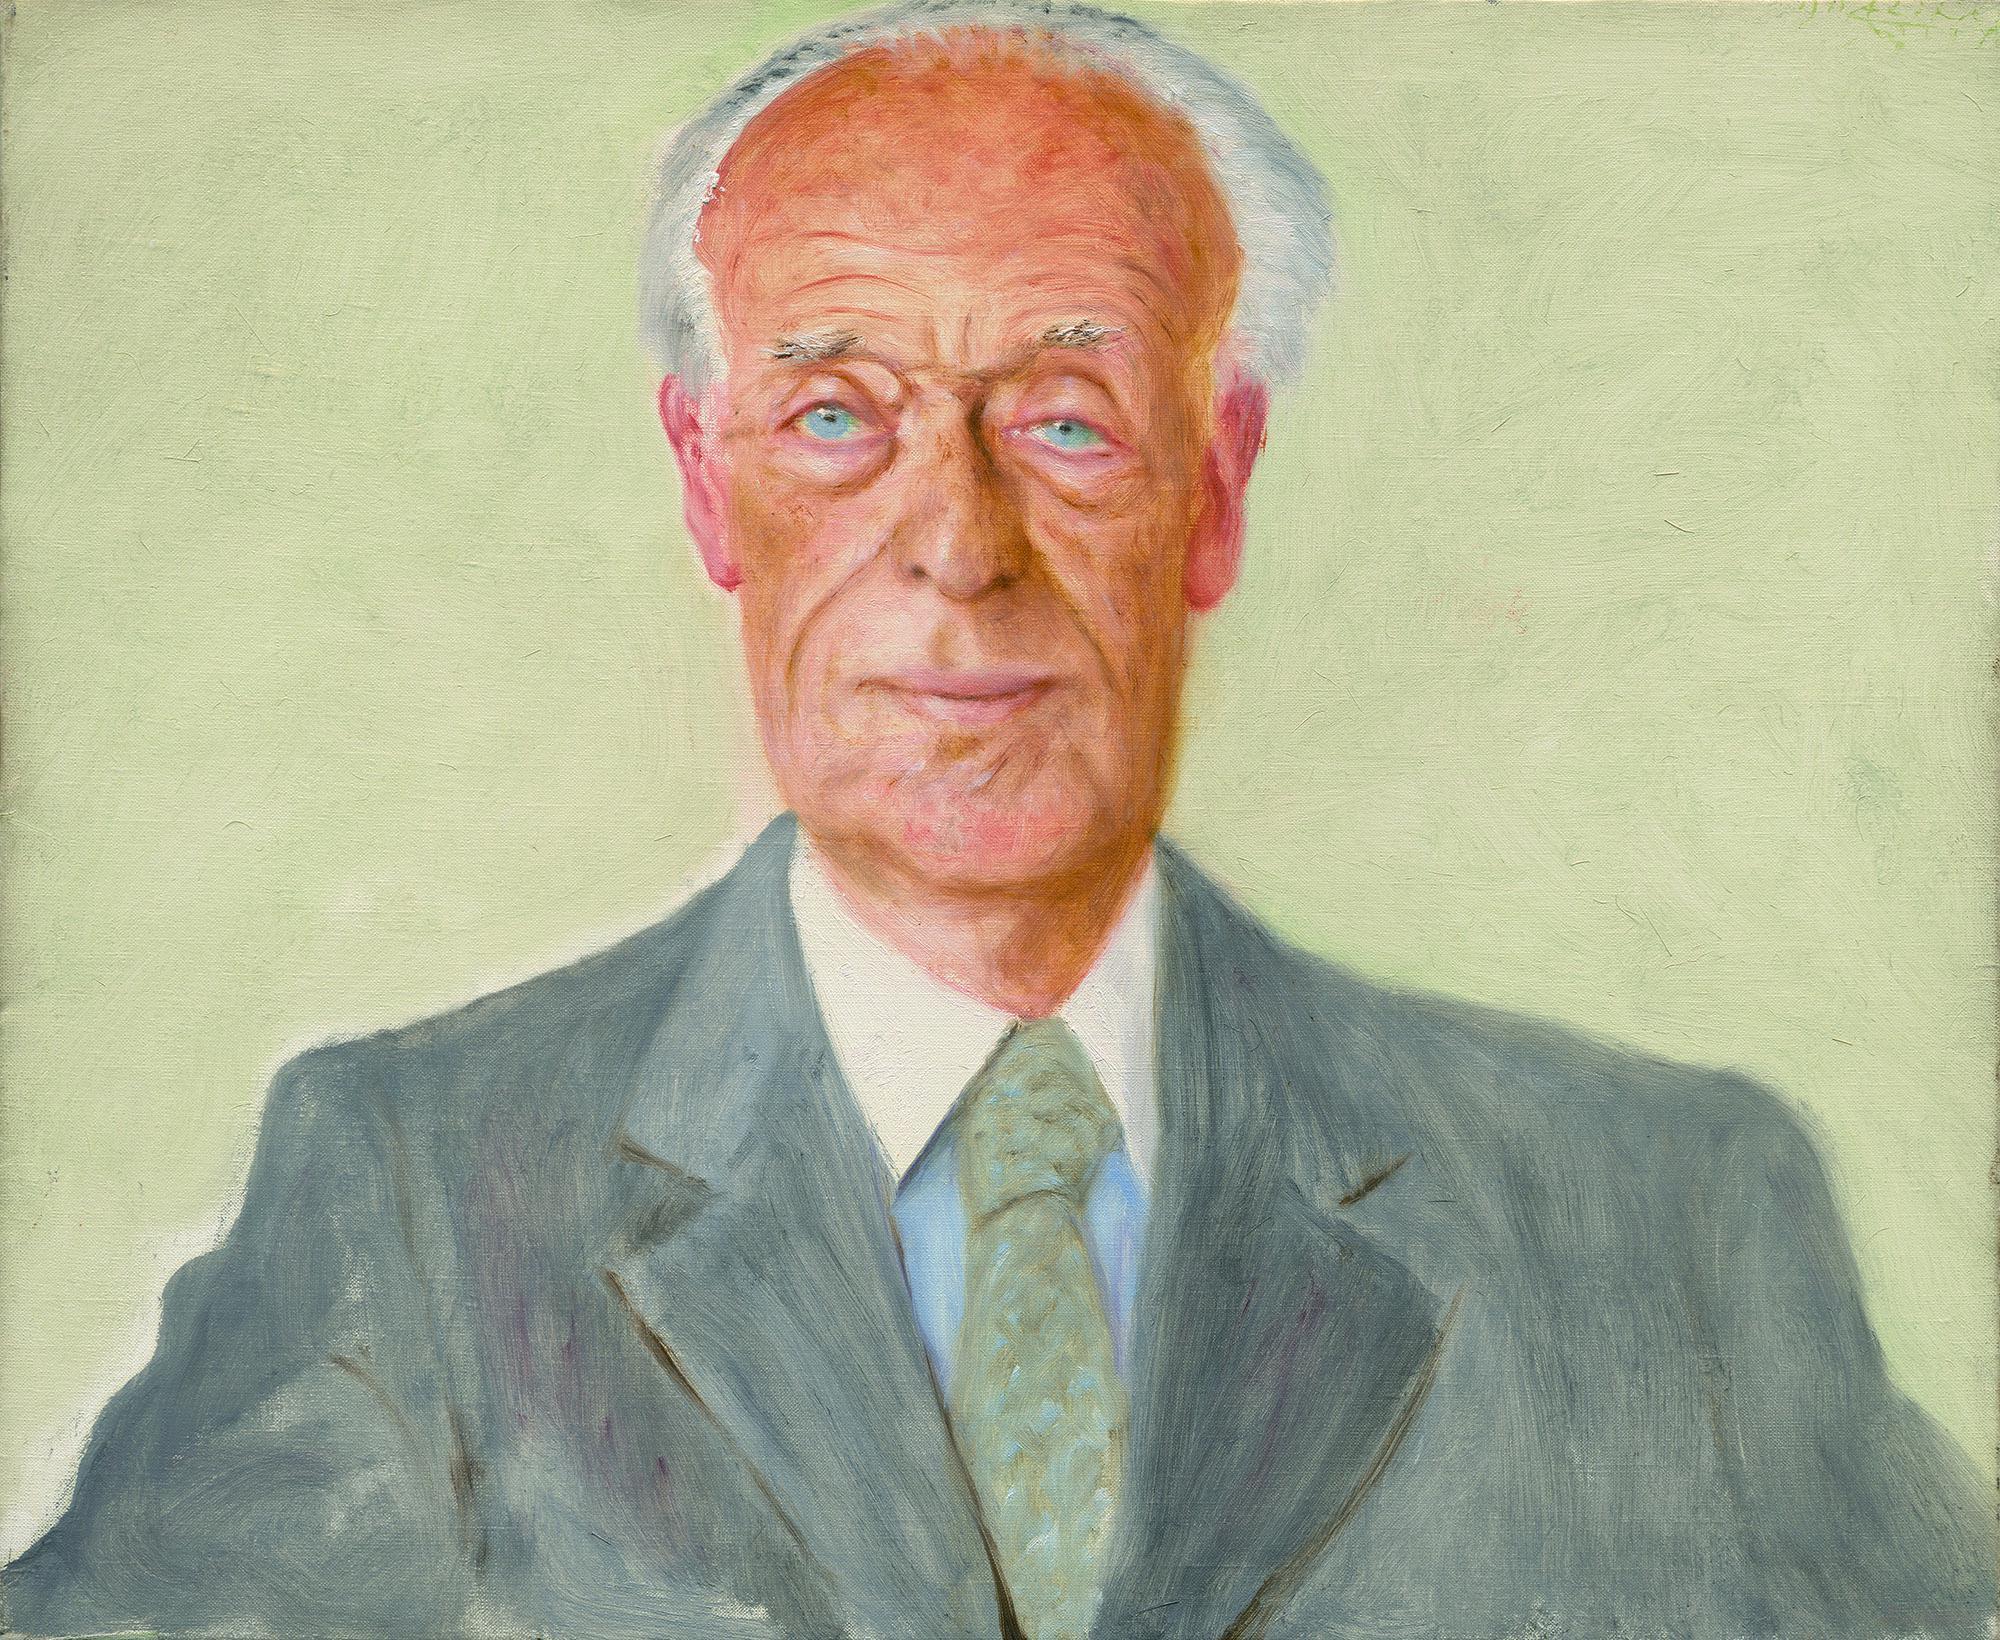 盖伊·罗斯柴尔德像,阿维格多·阿利卡,布面油画36×46cm,1990